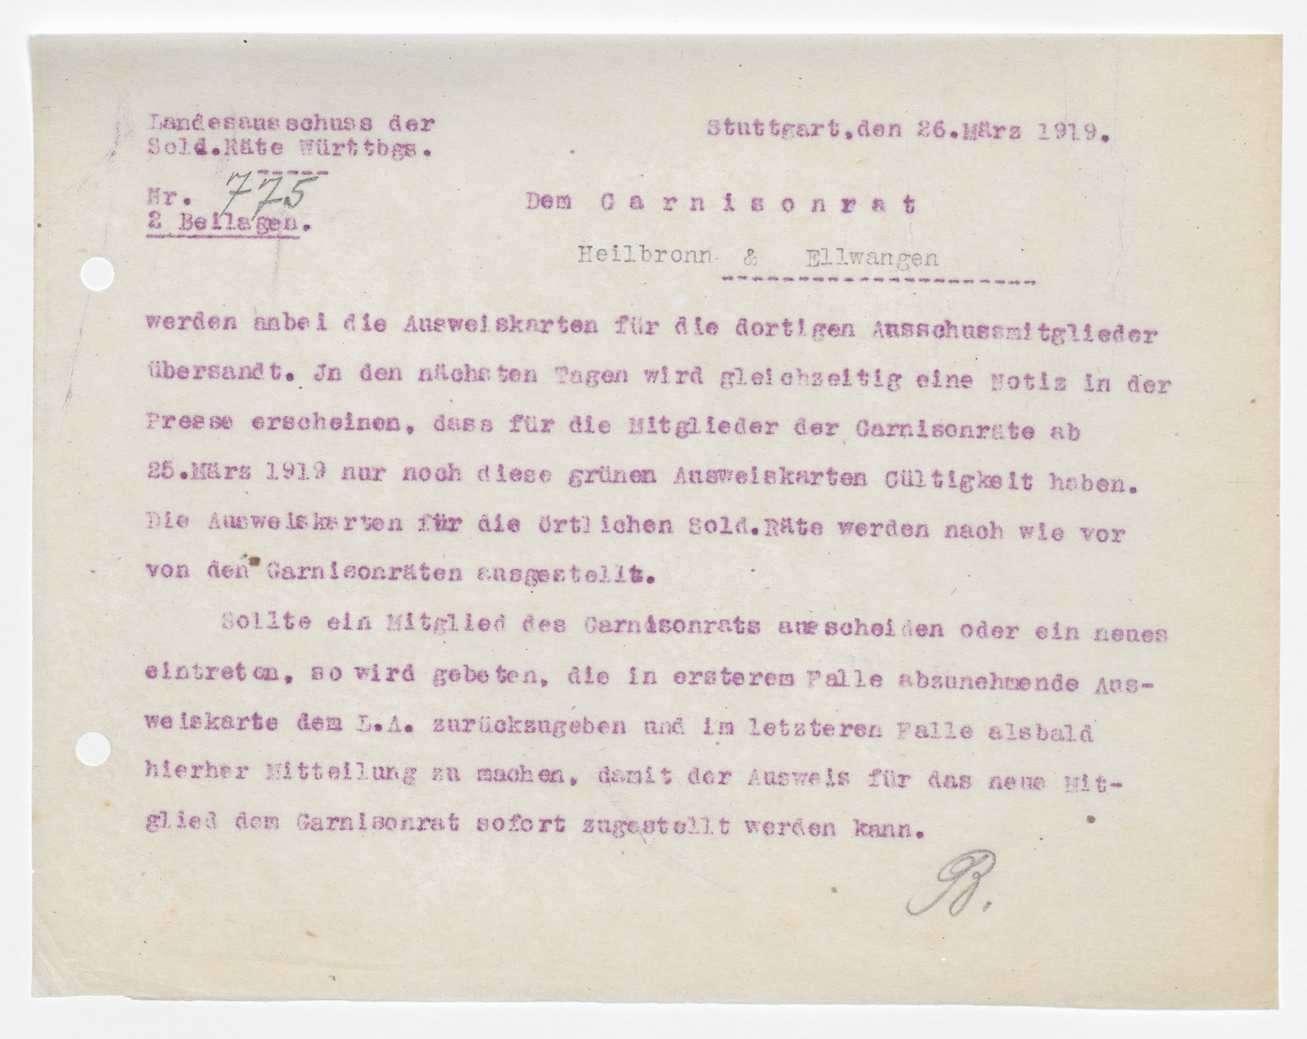 Garnisonsrat Heilbronn: Wahlen und Zusammensetzung, Unterstellung der Garnison Mergentheim, Bild 2